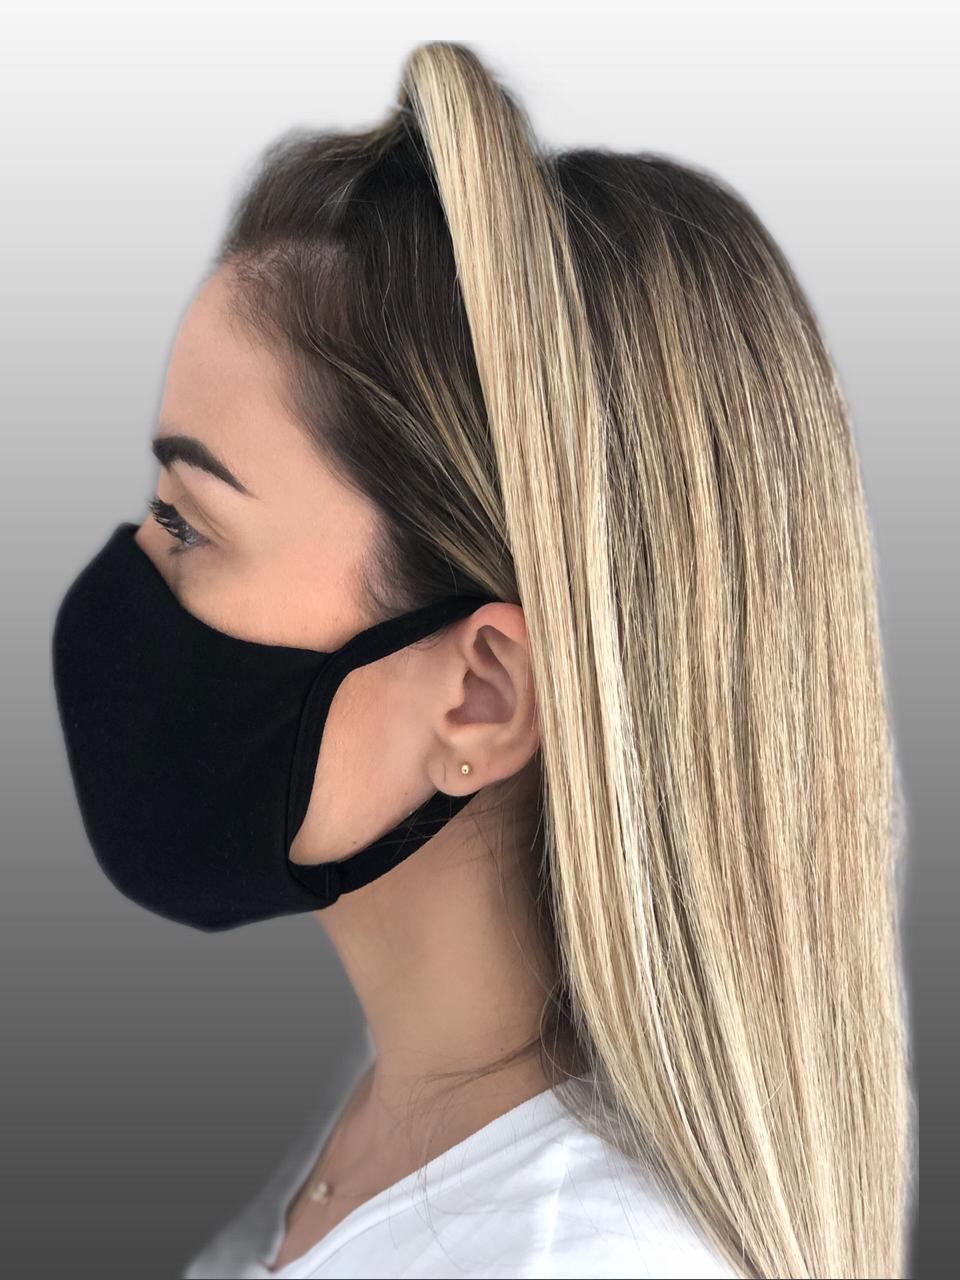 Máscara 100% Algodão Reutilizável Kit c/ 10 unidades